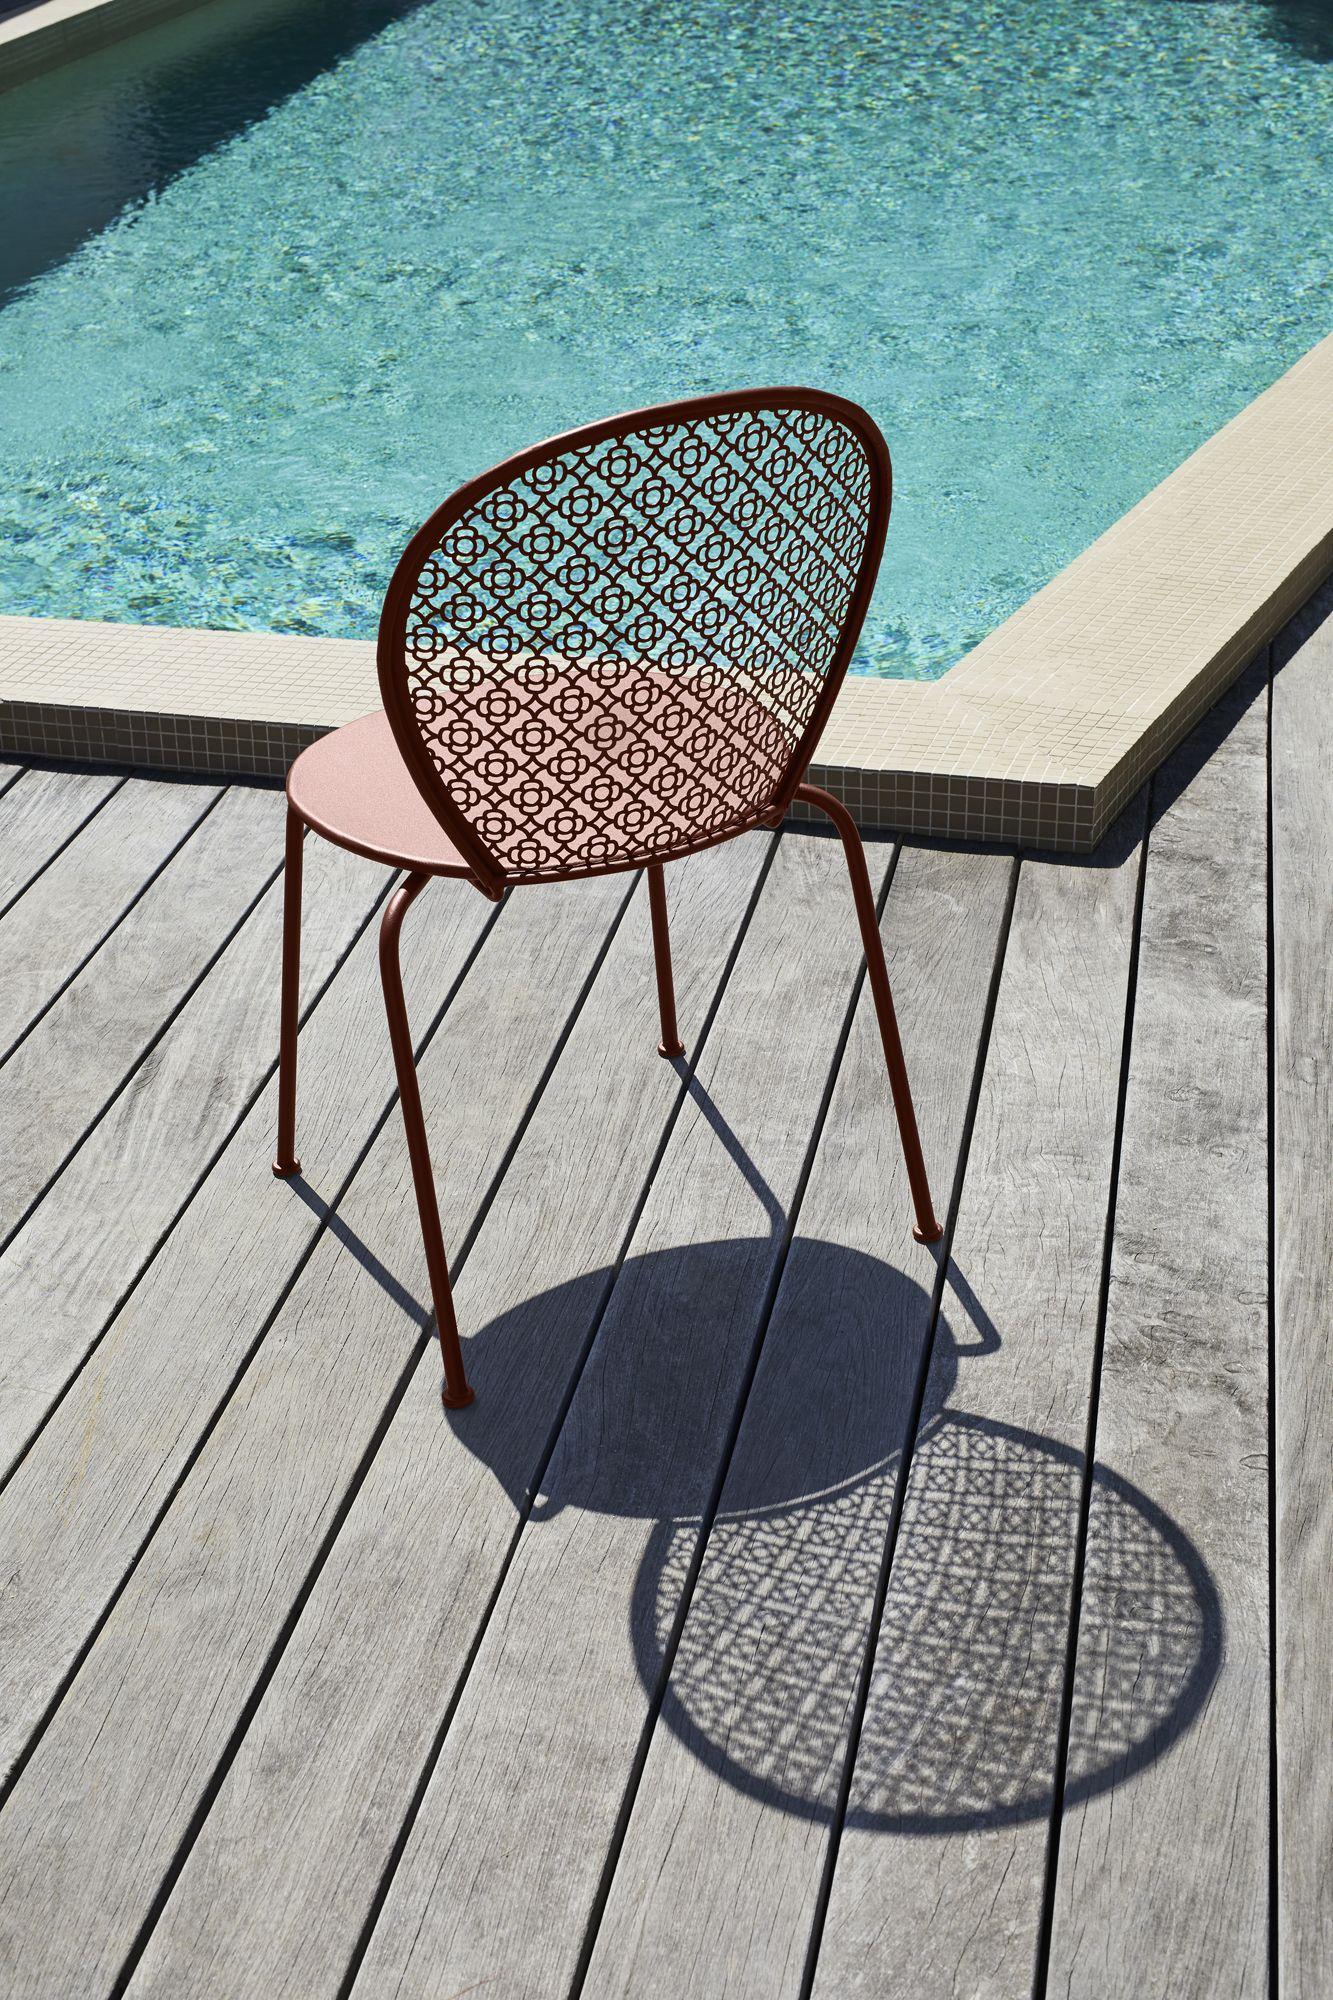 Egayez Votre Jardin Avec Des Meubles De Jardin Colores Et Tendances Garden Chairs Metal Garden Chairs Design Classic Chair Design